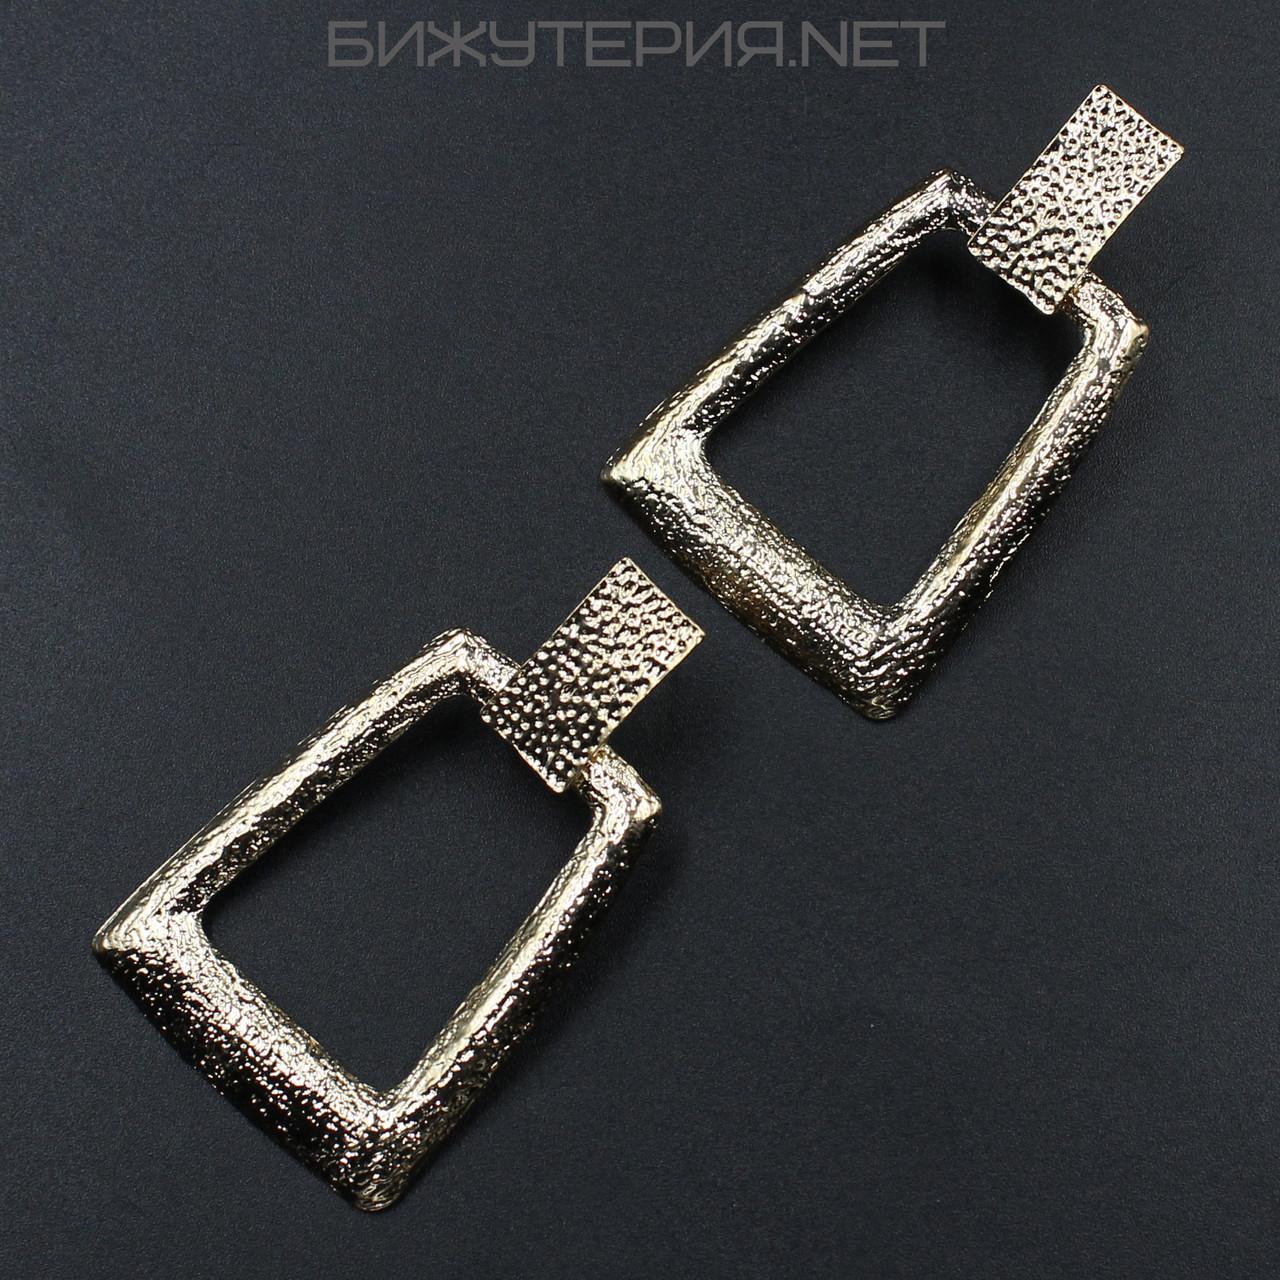 Серьги JB металлические, эмаль золотая - 1055151073